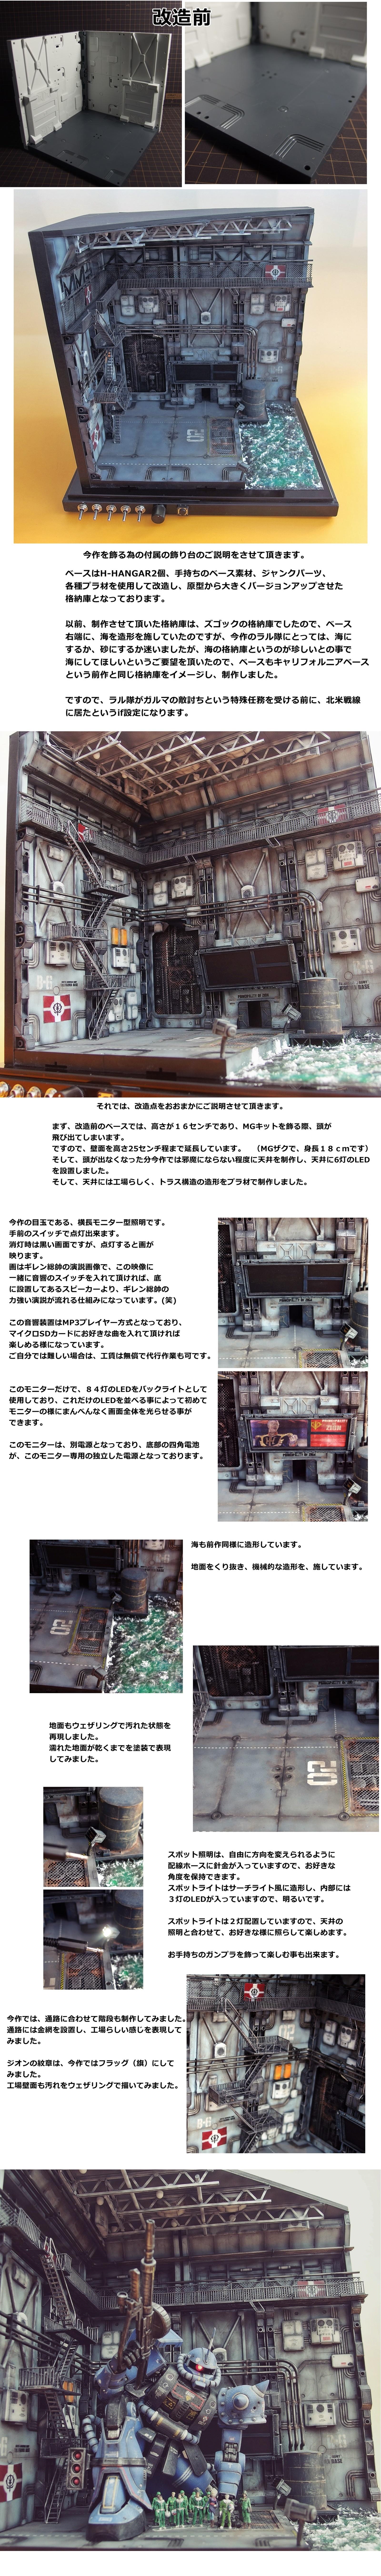 ランバラル隊ベース付きブログ③